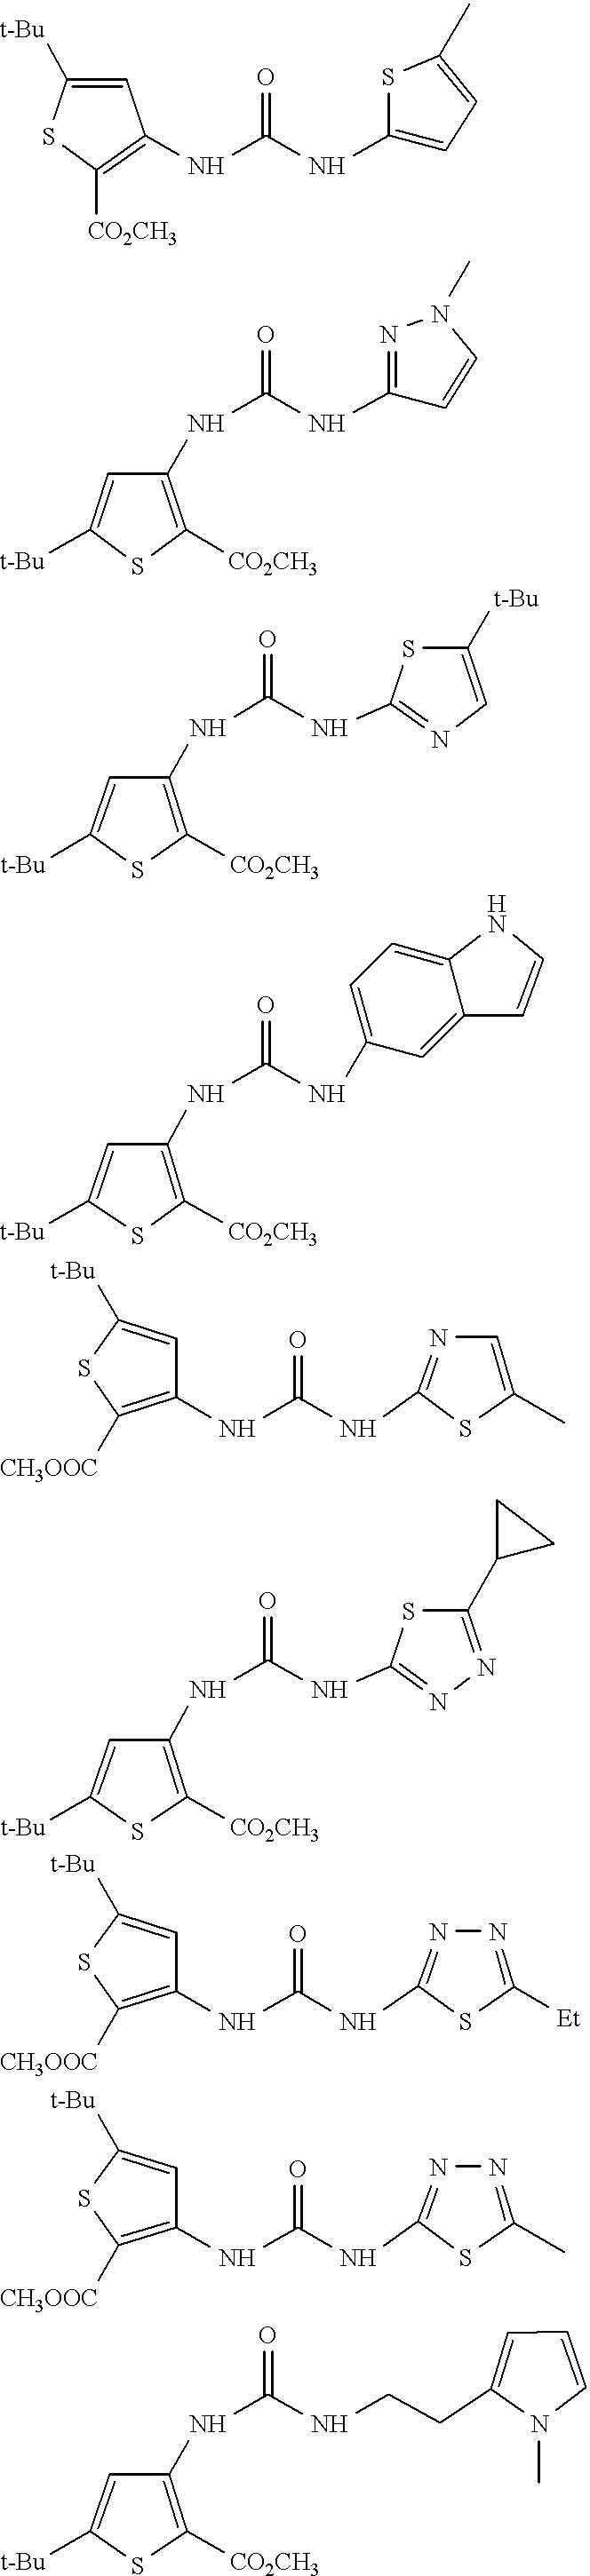 Figure US06187799-20010213-C00050